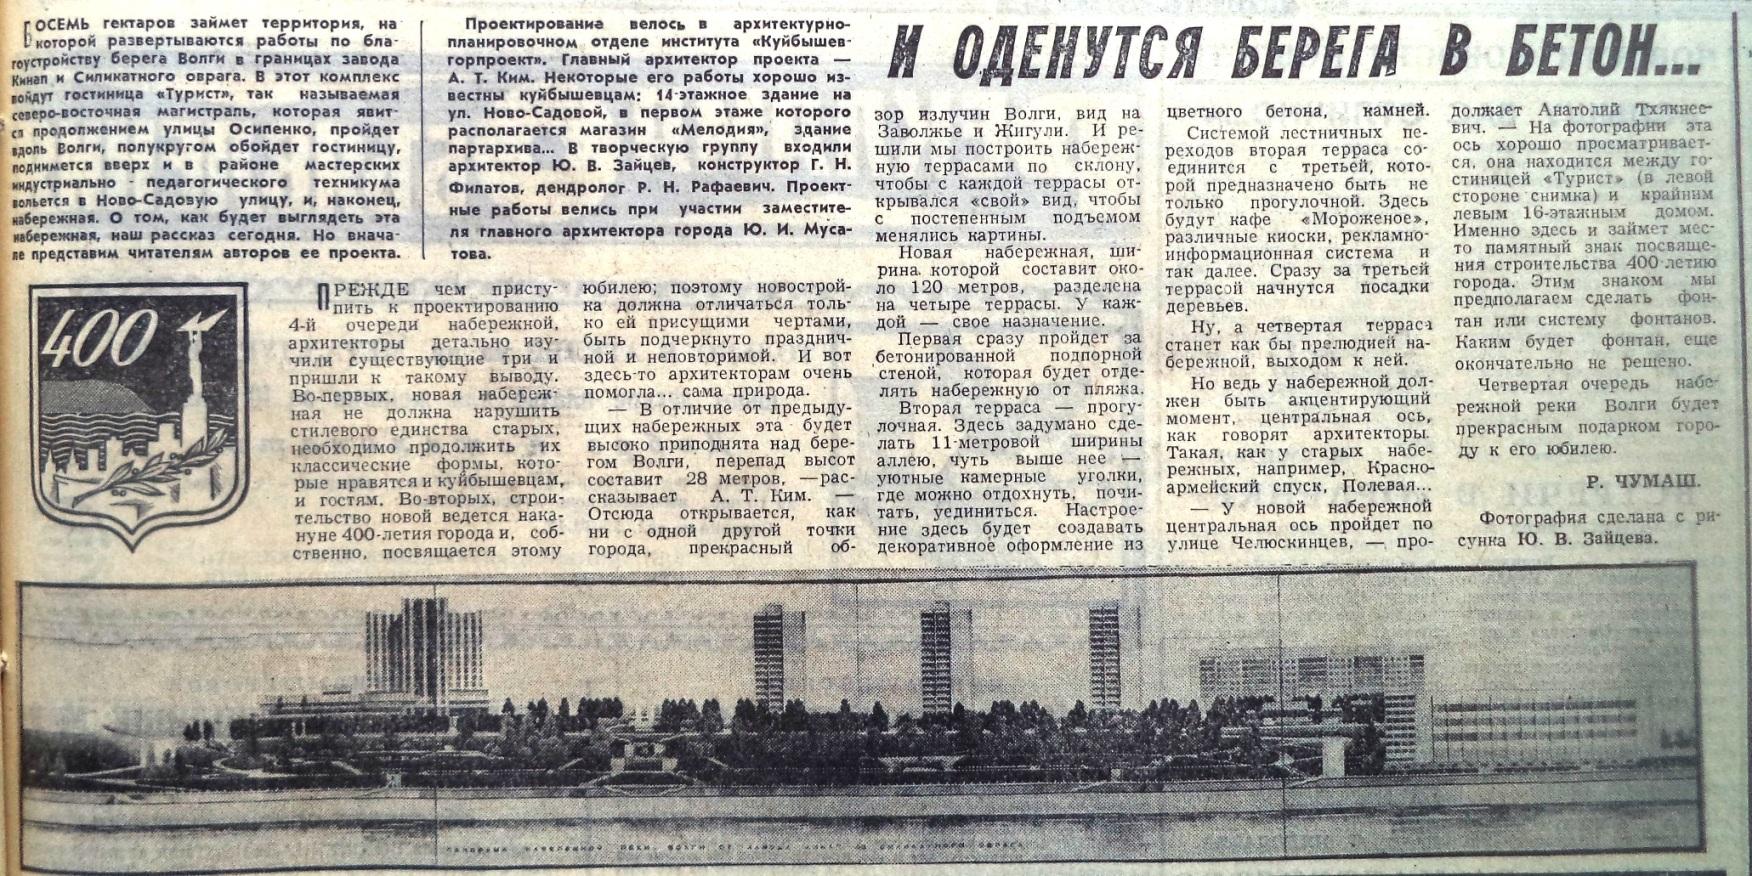 ФОТО-Лесная-13-ВЗя-1983-08-02-проект 4-й оч. набер.